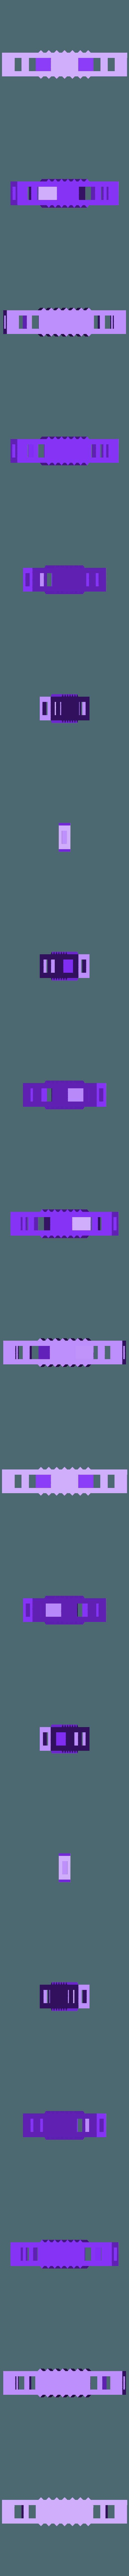 FaceShieldStrapBuckleRevG2.stl Télécharger fichier STL gratuit Sangle pour écran facial de Prusa • Design pour impression 3D, ThinkSolutions